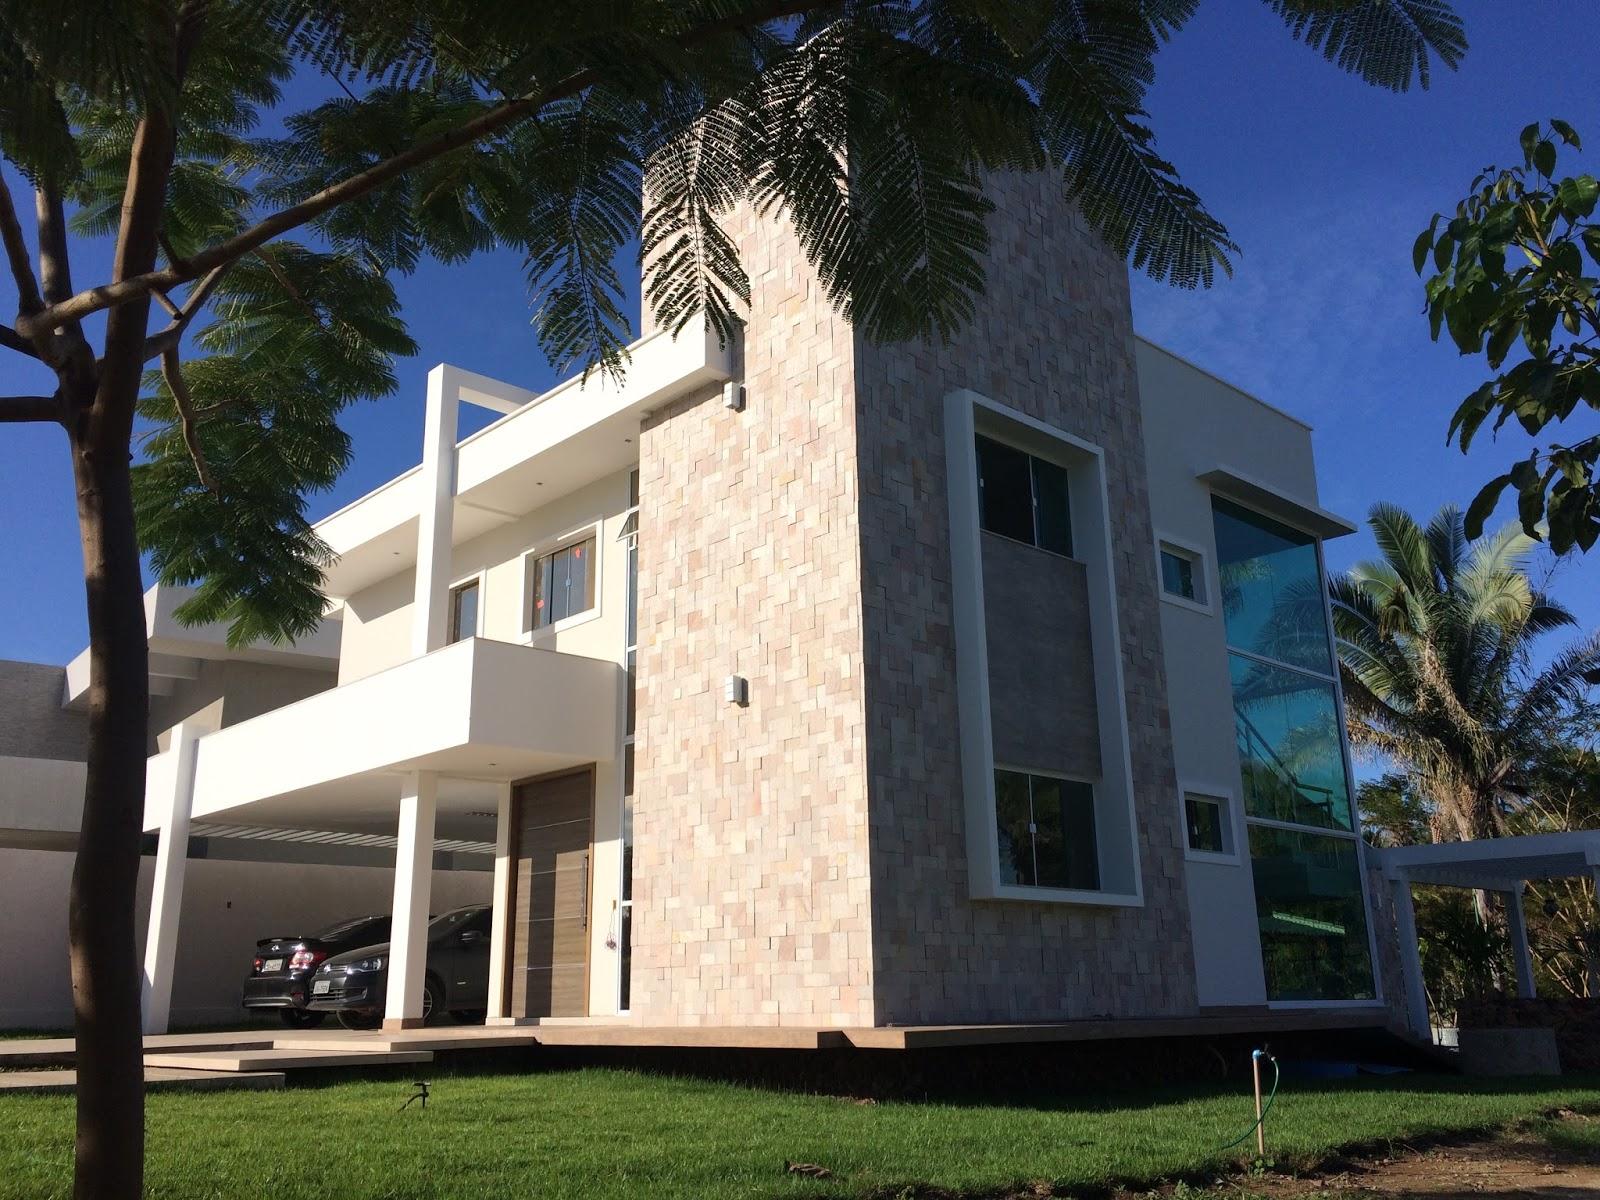 #A16B2A  de casas Desenhar planta da casa GRÁTIS Criar desenho Casas e 1600x1200 píxeis em Criar Casas 3d